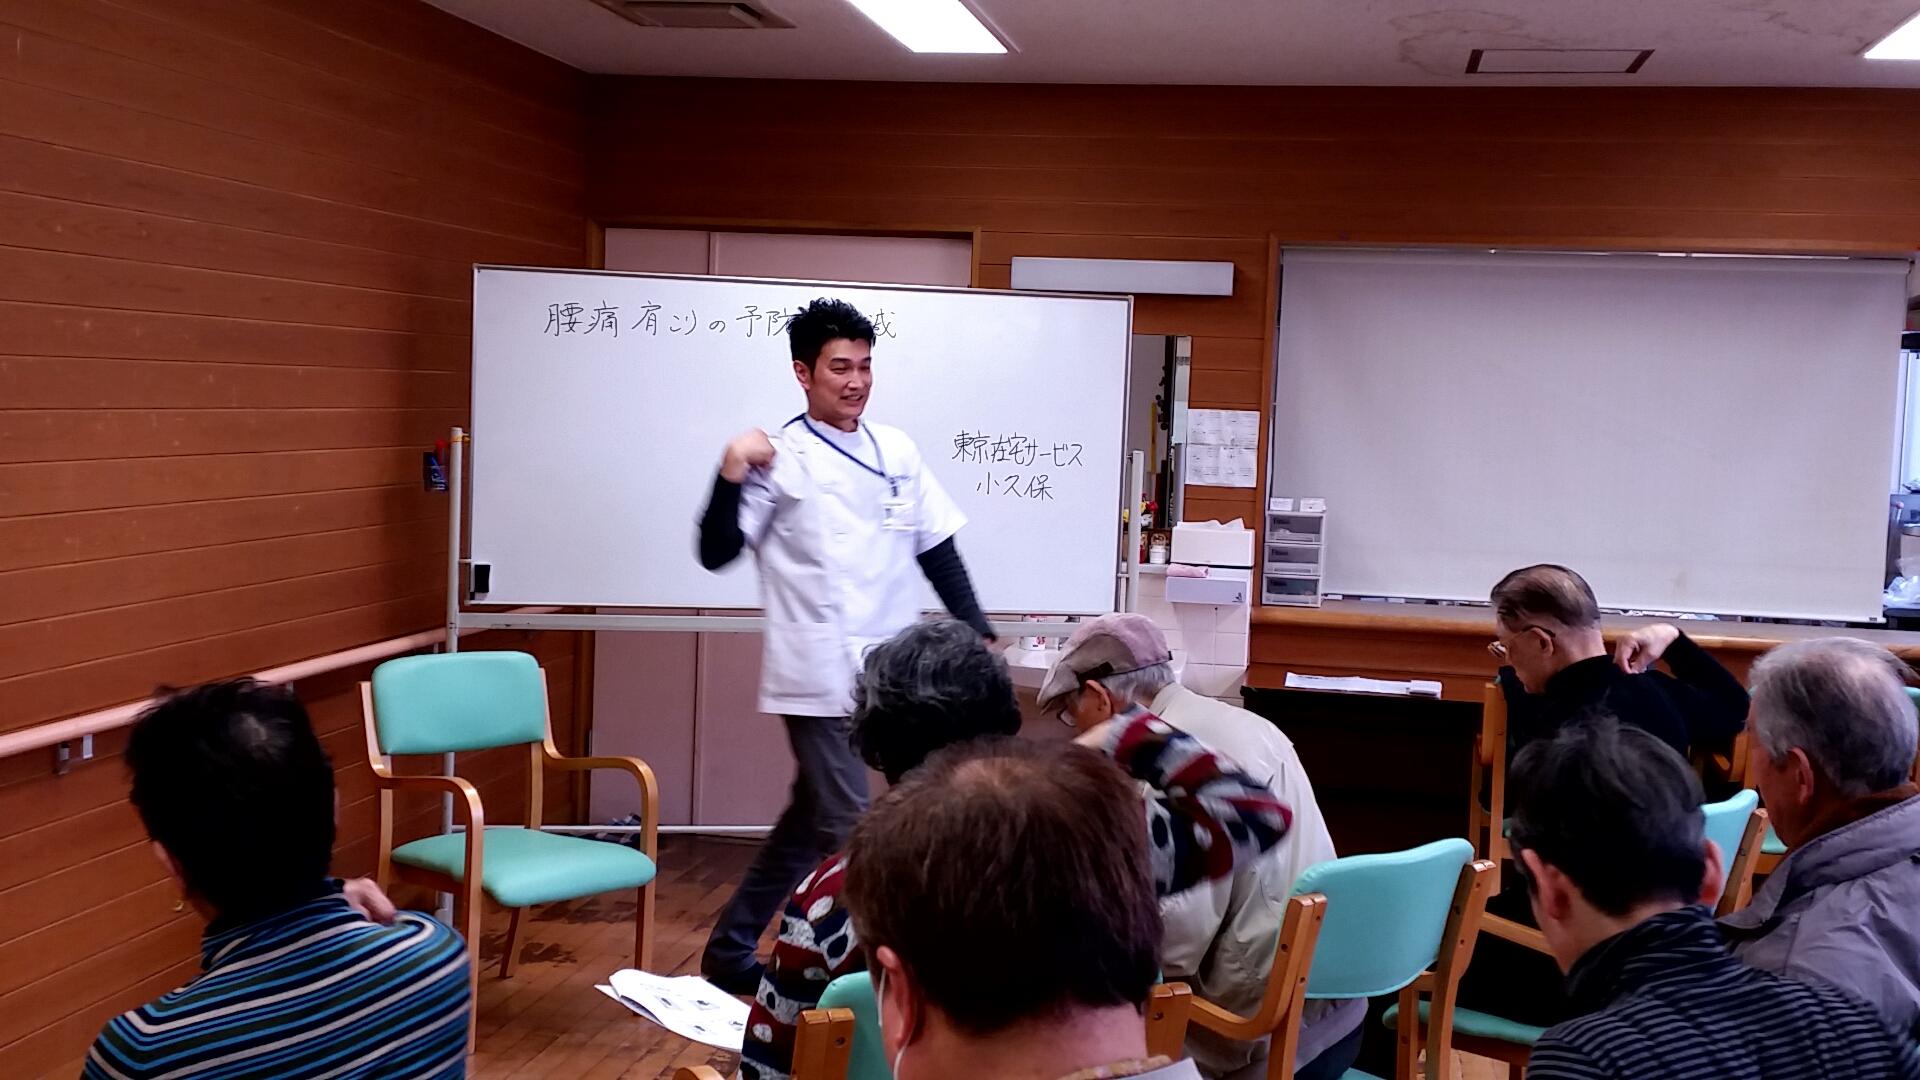 訪問マッサージ 東京在宅サービスの研修会活動/杉並区家族介護者教室